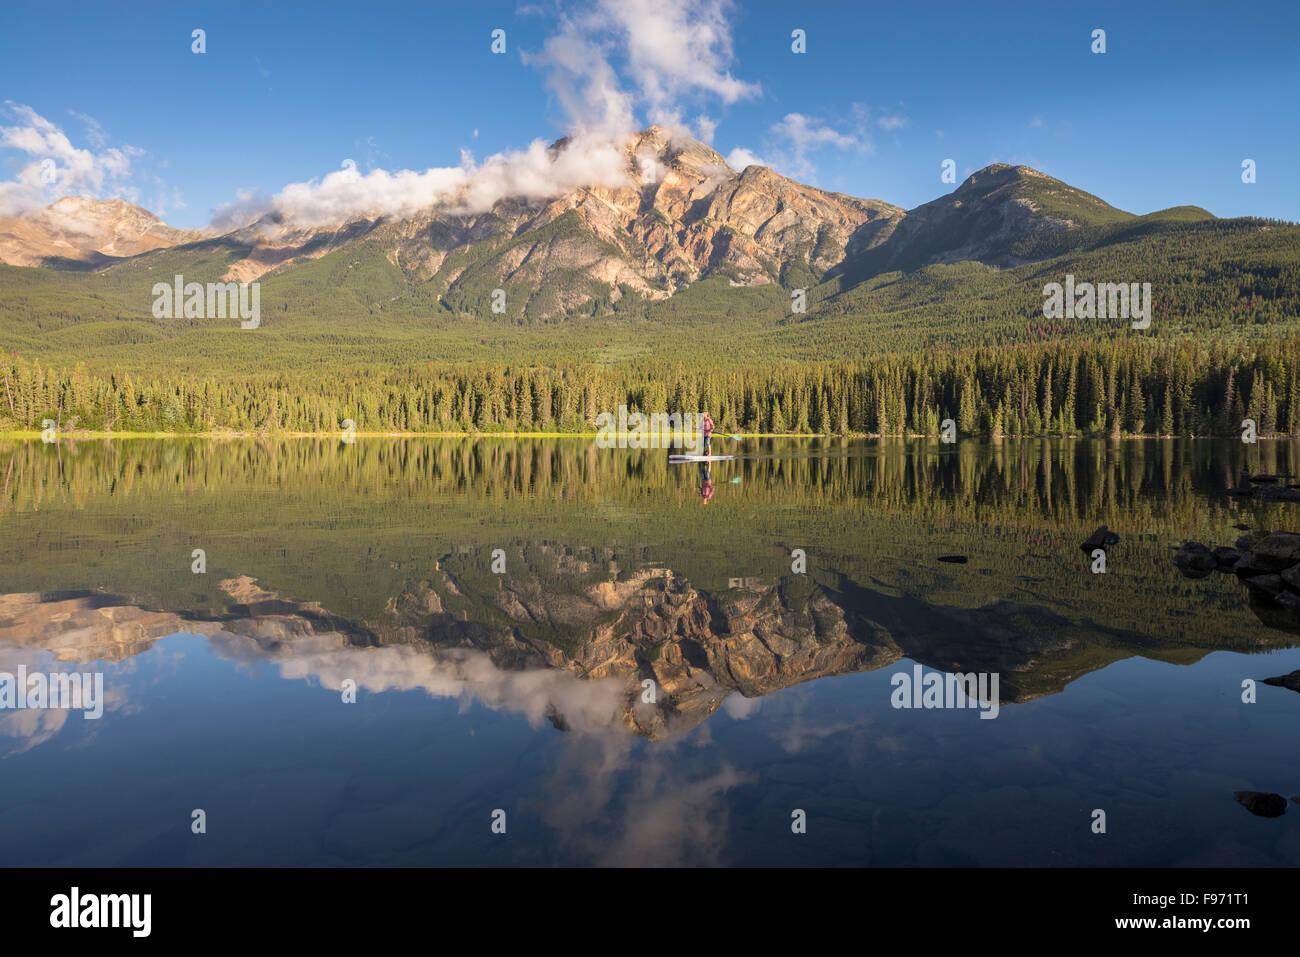 Reflet de la montagne Pyramid et femme paddle sur le lac Pyramid. Le Parc National Jasper, Alberta, Canada. Photo Stock